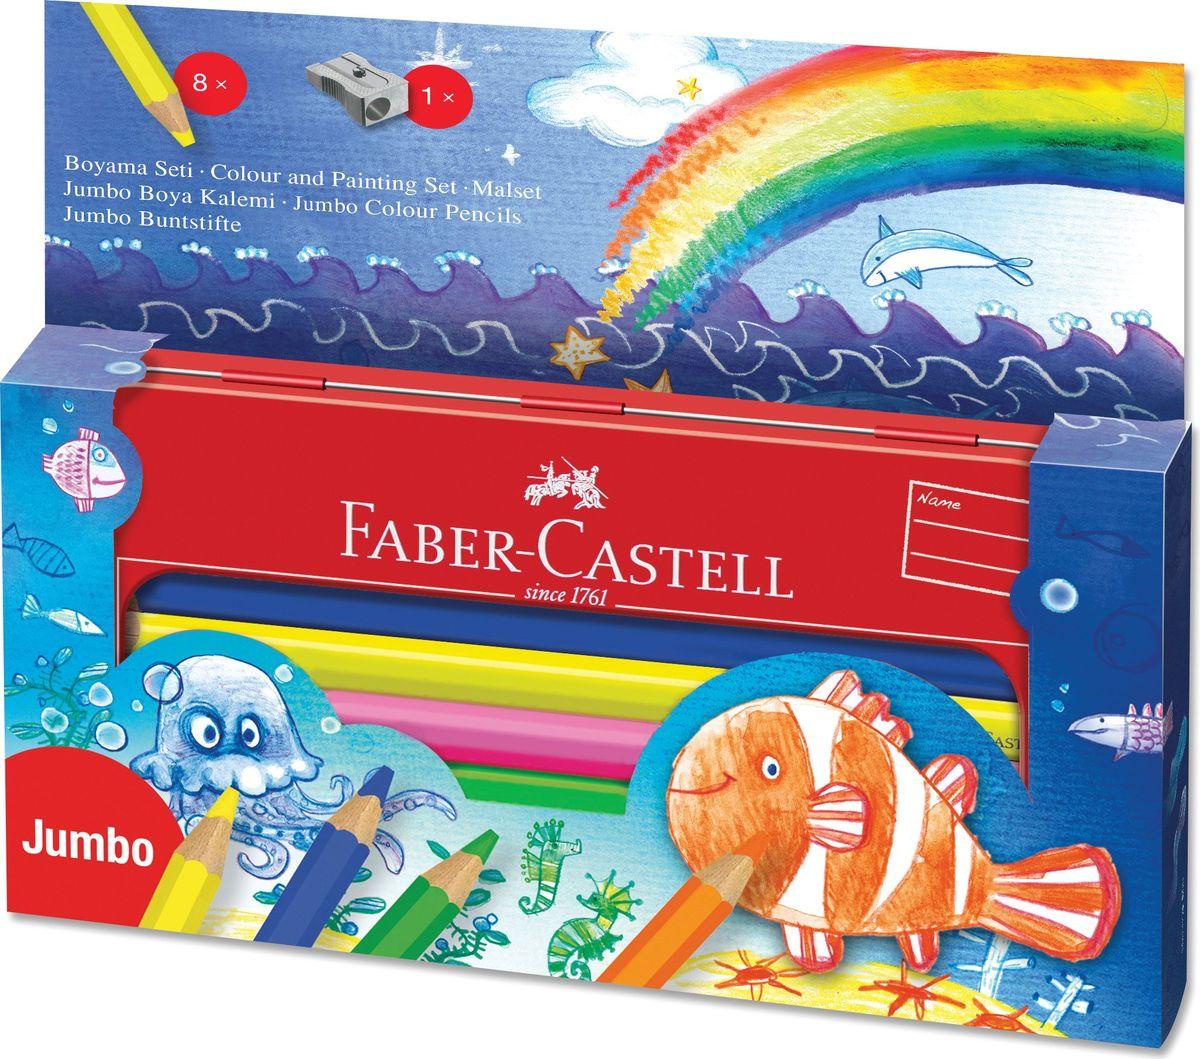 Faber-Castell Набор цветных карандашей Jumbo в пенале с раскрасками и точилкой 9 шт951080Цветные карандаши Faber-Castell имеют эргономичную форму и утолщенный корпус. Карандаши имеют яркий и насыщенный цвет.- запатентованная Grip антискользящая зона захвата с малыми массажными шашечками; - специальная технология вклеивания (SV) предотвращает поломку грифеля; - покрыты лаком на водной основе - бережным по отношению к окружающей среде и здоровью детей; - размываемый водой грифель; - отстирываются с большинства обычных тканей; - толщина грифеля 3,8 мм; - качественное, мягкое дерево (калифорнийский кедр) - гарантия легкого затачивания при помощи стандартных точилок. В наборе: 8 цветных карандашей, 1 чернографитный карандаш, 12 раскрасок и точилка в металлическом пенале.